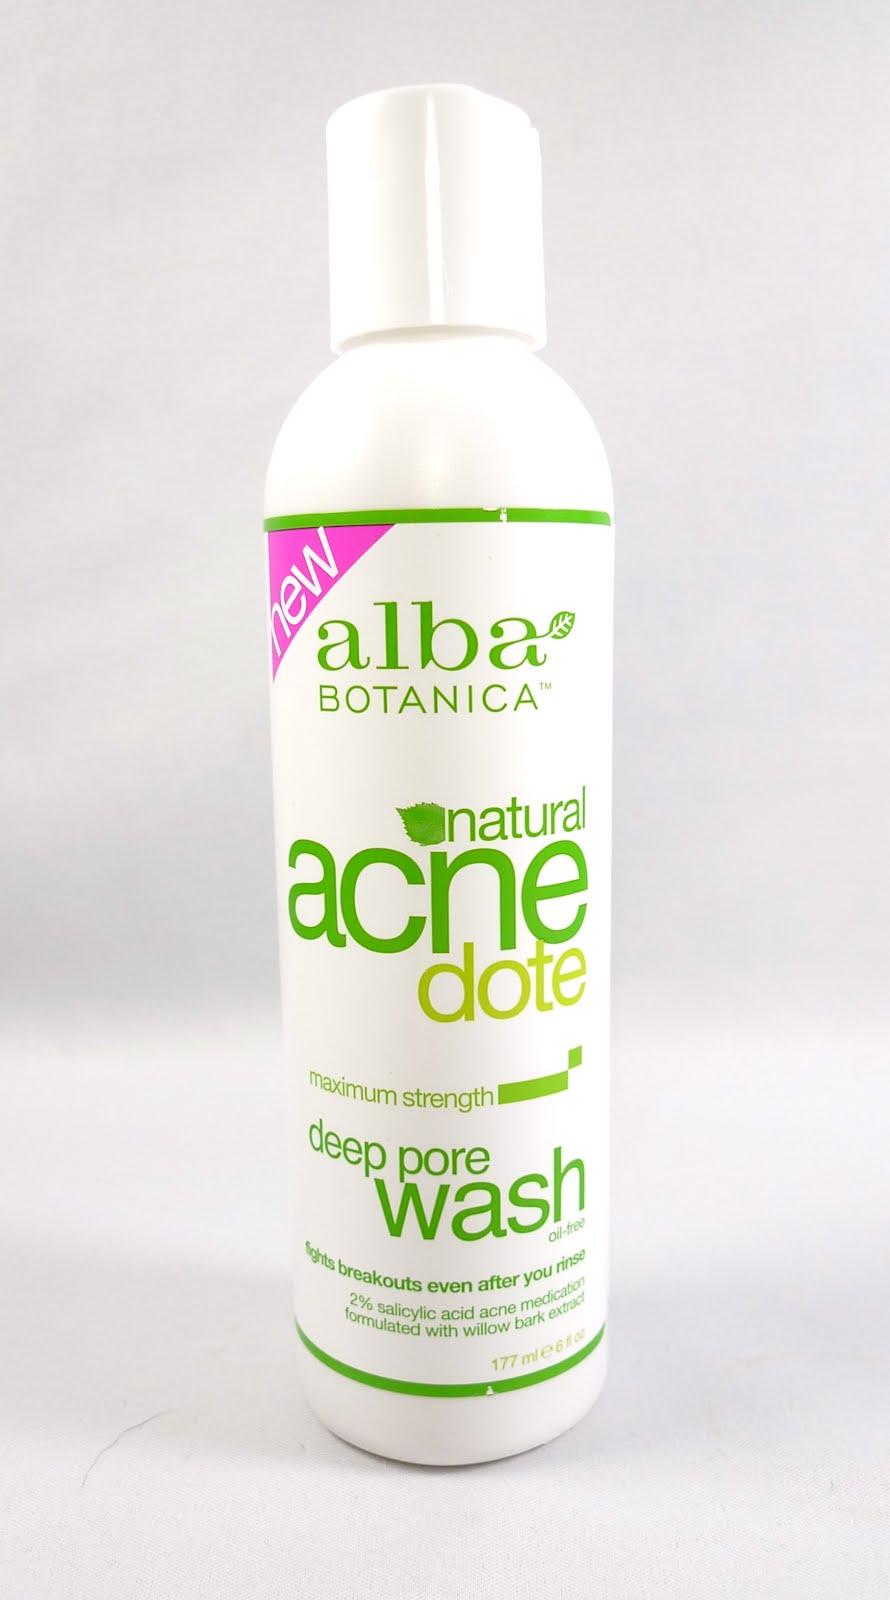 Alba botanica acnedote review